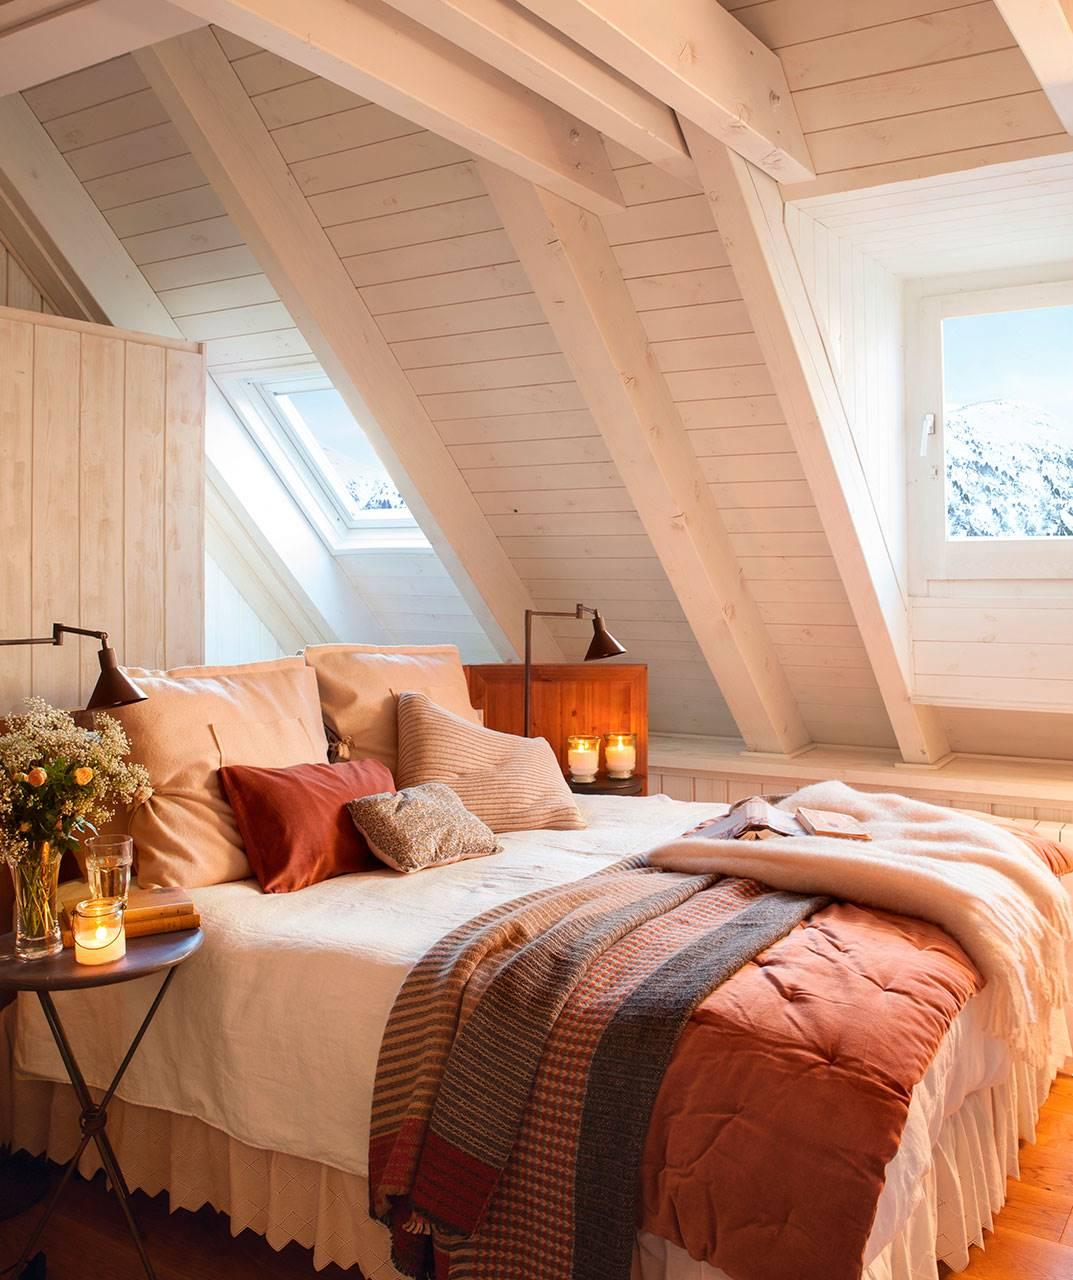 dormitorio-rustico-con-techo-abuhardillado-en-madera-blanca-y-cama-con-textiles-rojos 2ae35858. El romanticismo del estilo rústico